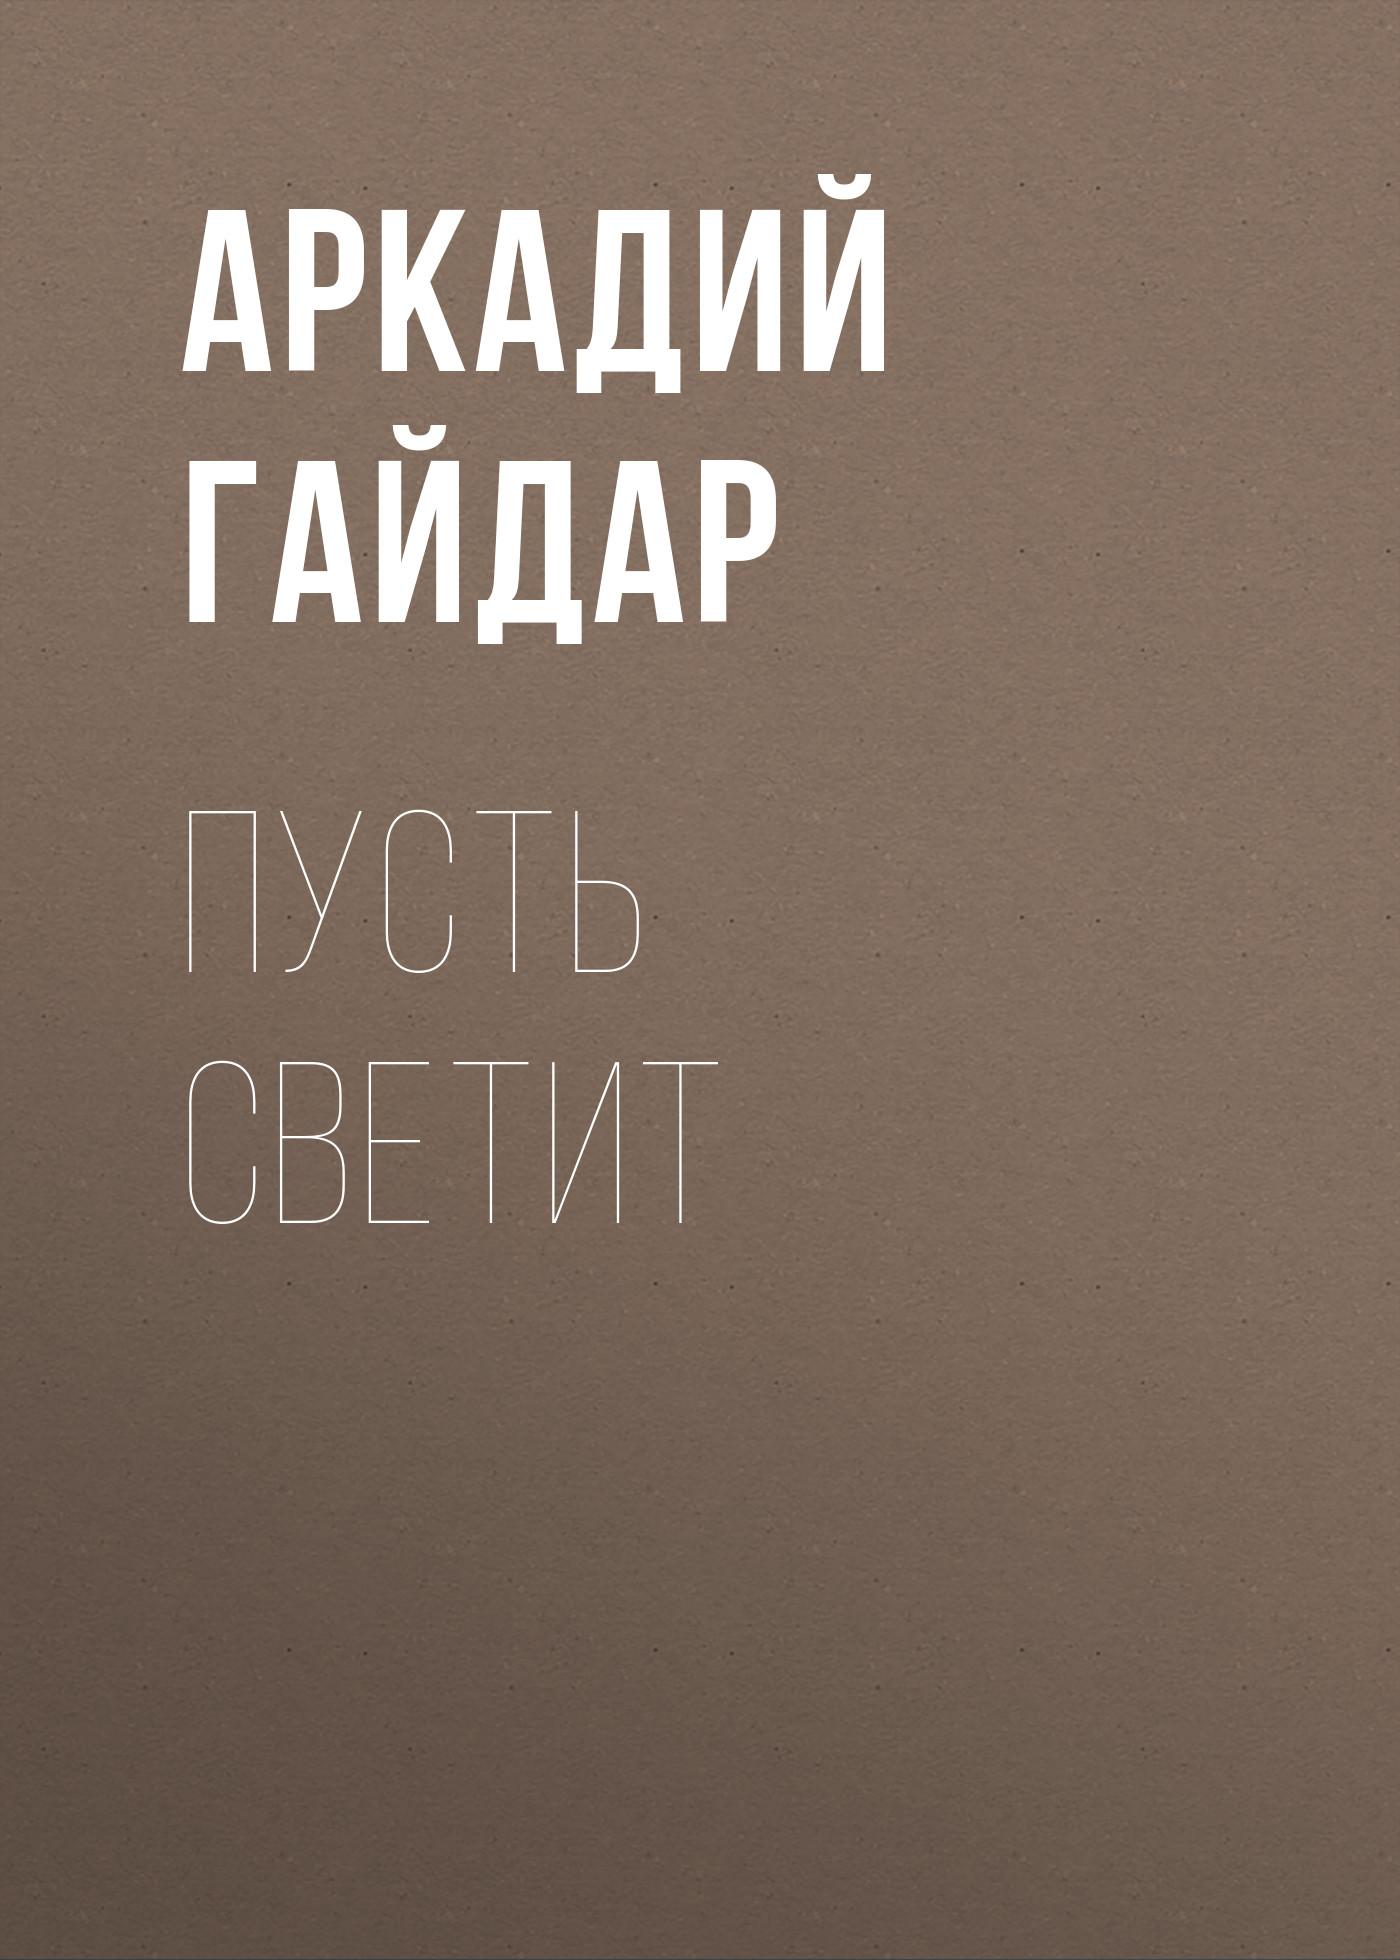 Аркадий Гайдар Пусть светит аркадий застырец кровь и свет галагара